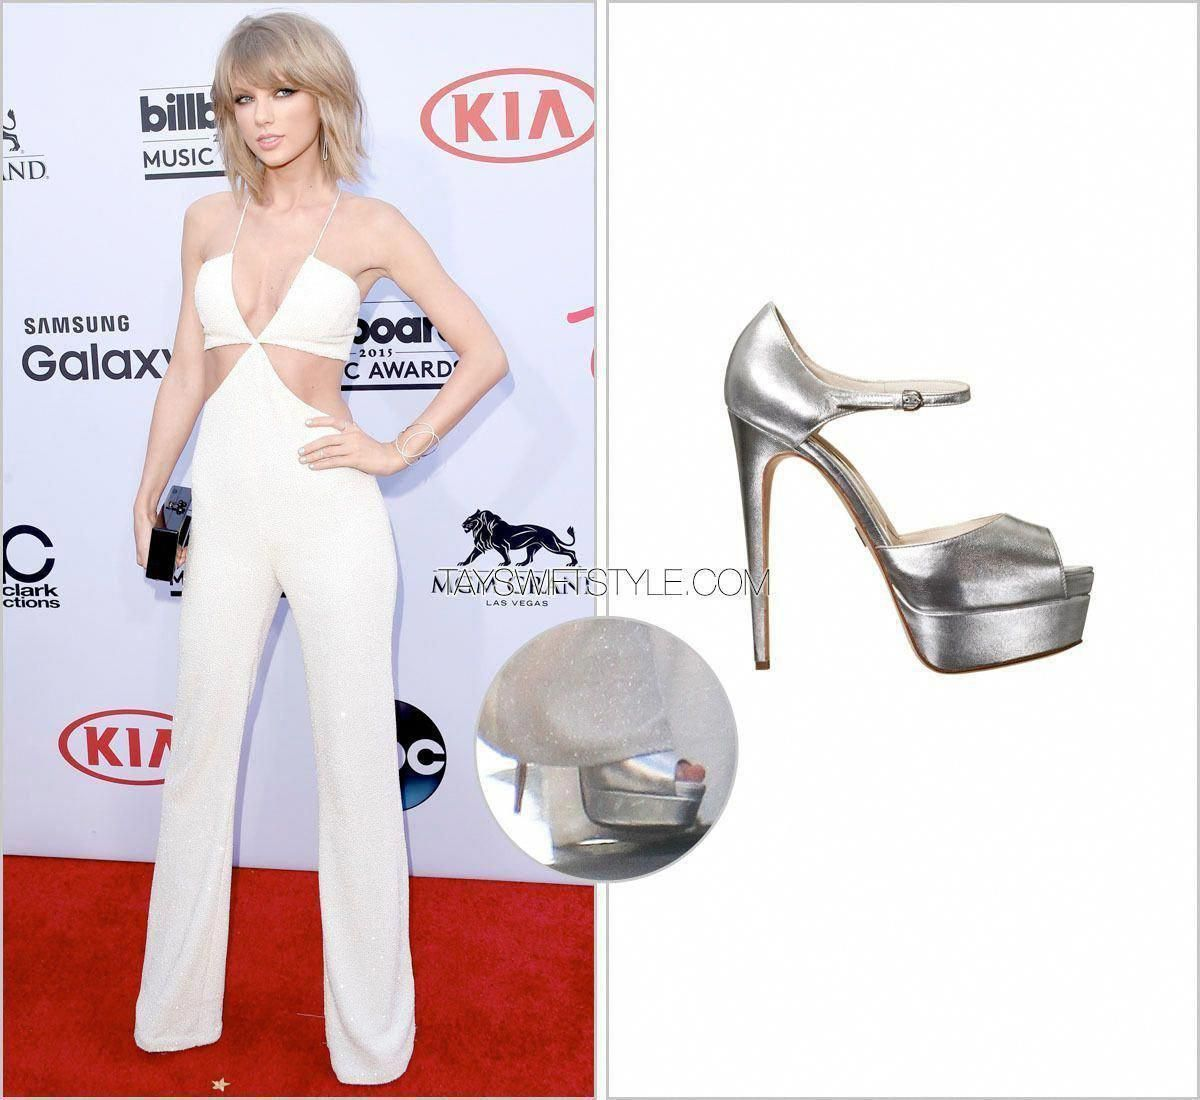 2015 Billboard Music Awards | Las Vegas, NV | May 17, 2015 Brian Atwood